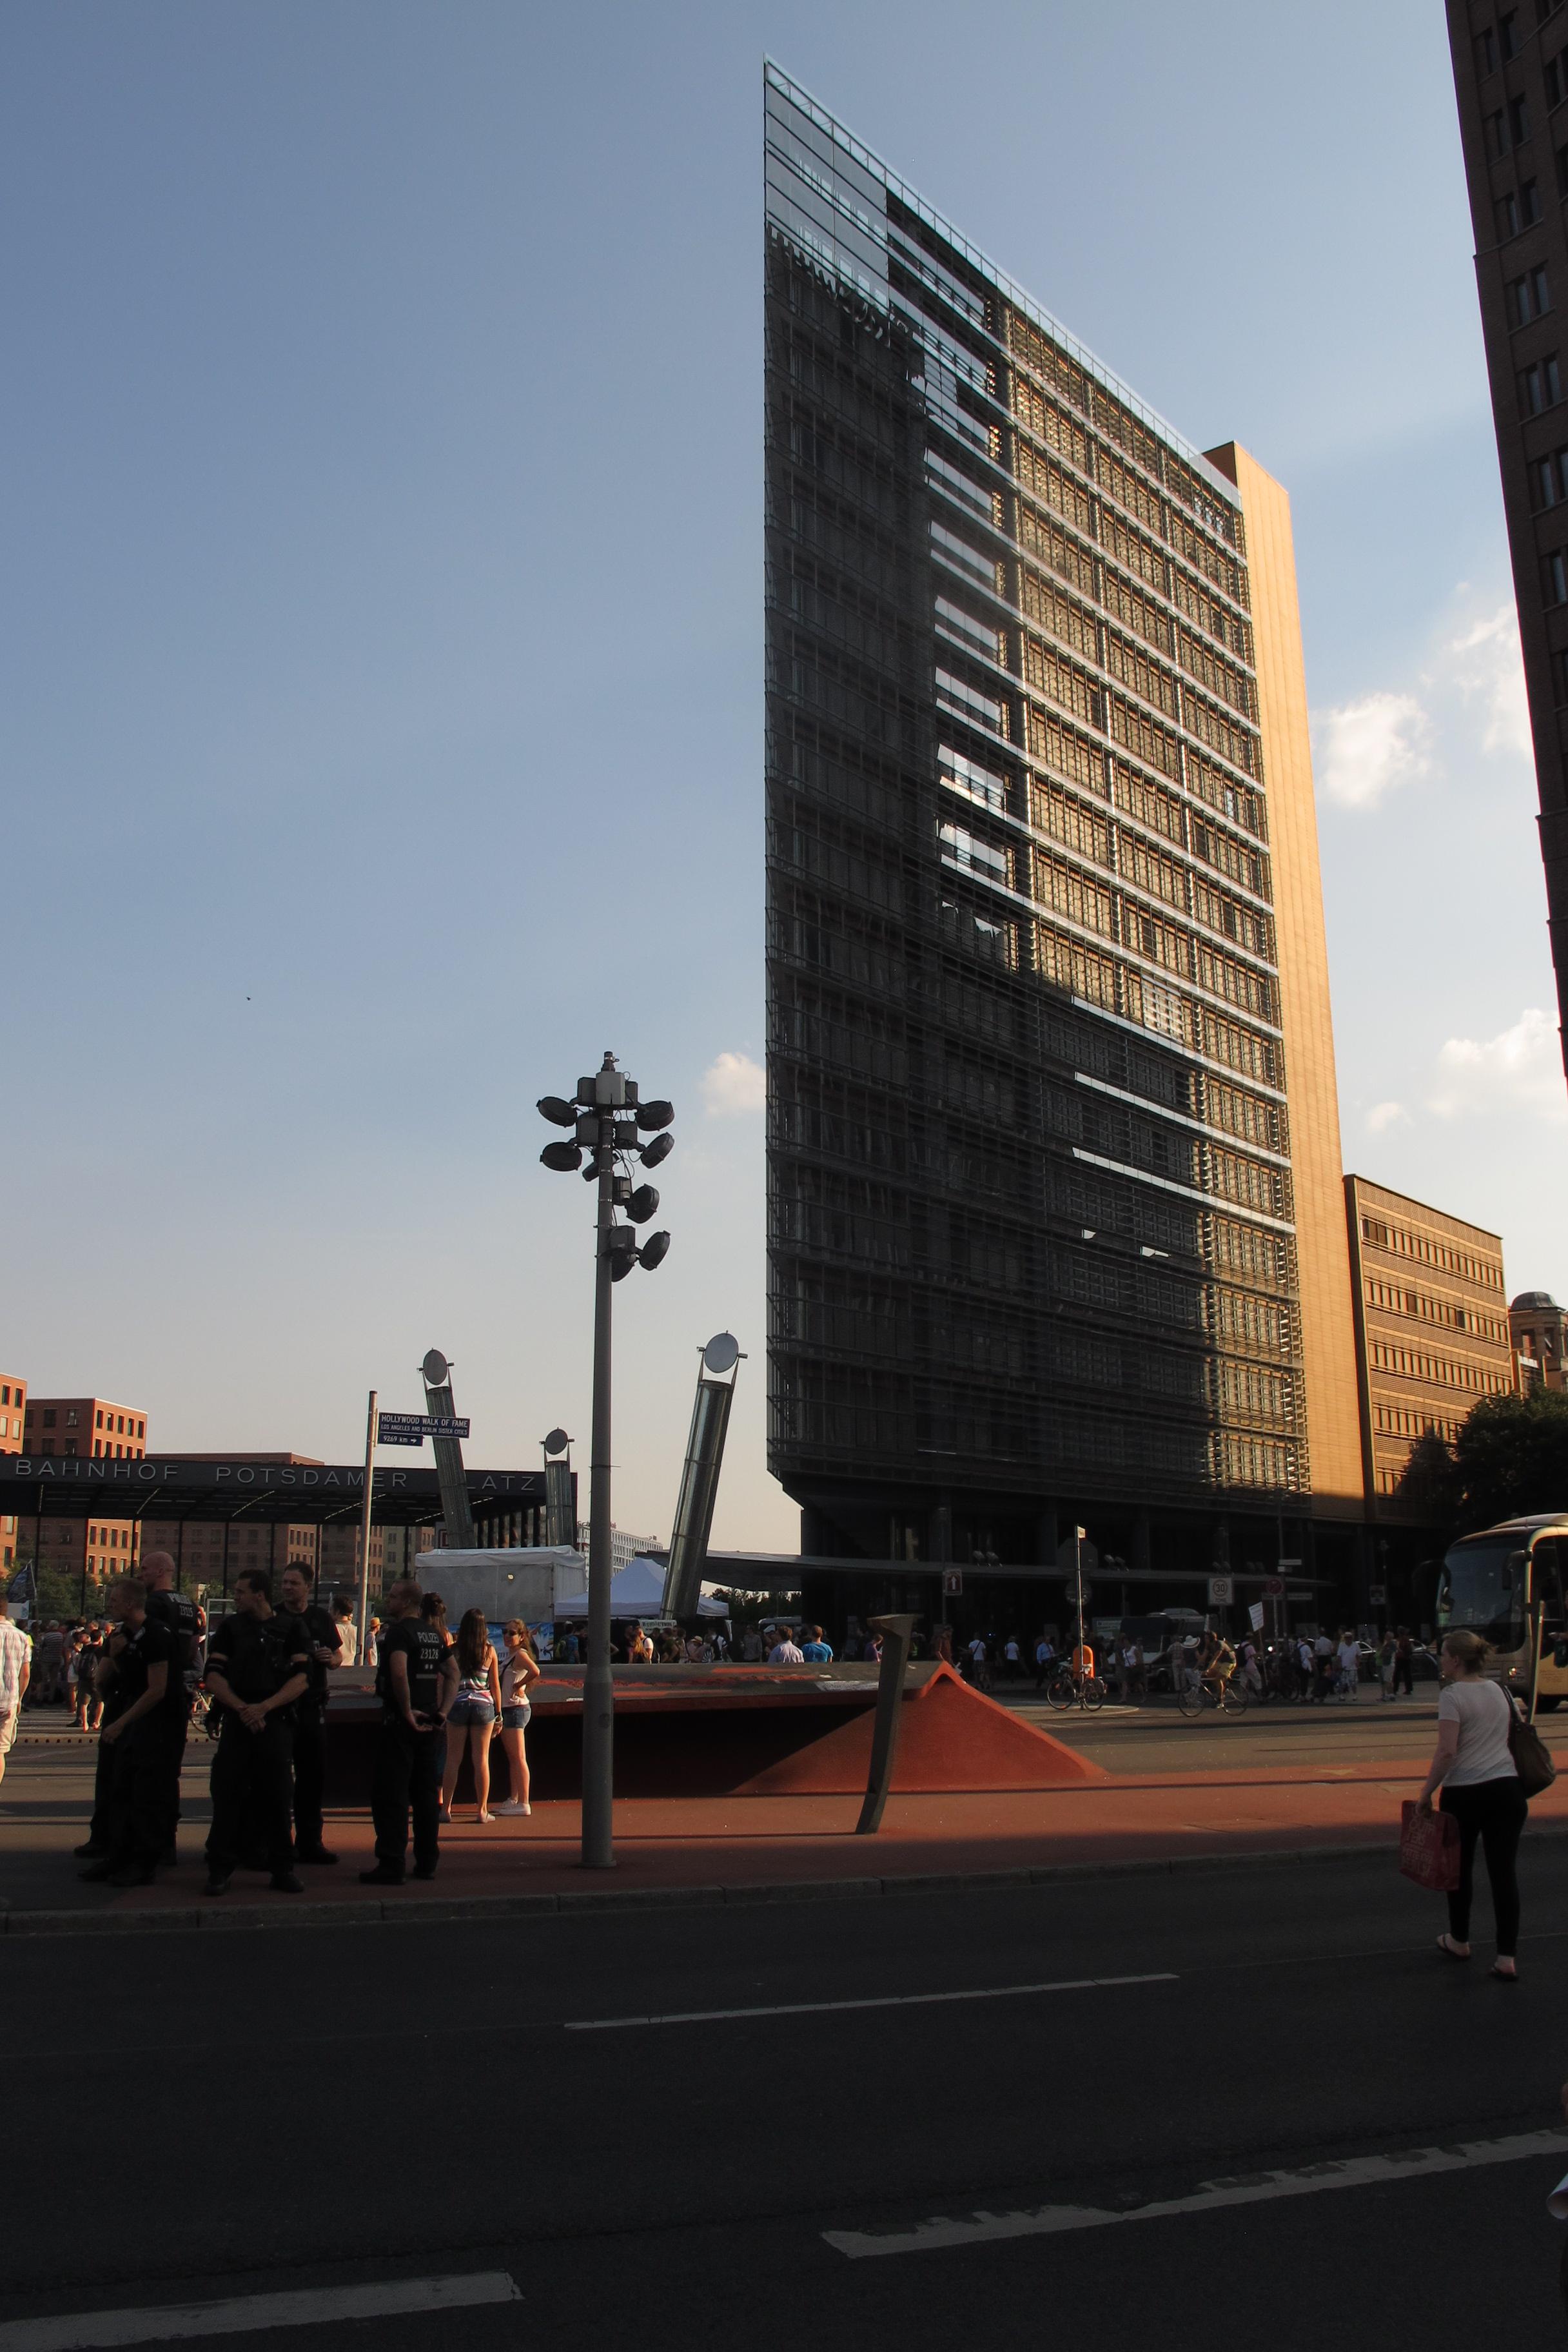 Manifestació contra els bombardejos de Gaza a la Postdamer Platz (6). L'edifici de Renzo Piano participant en la manifestació.